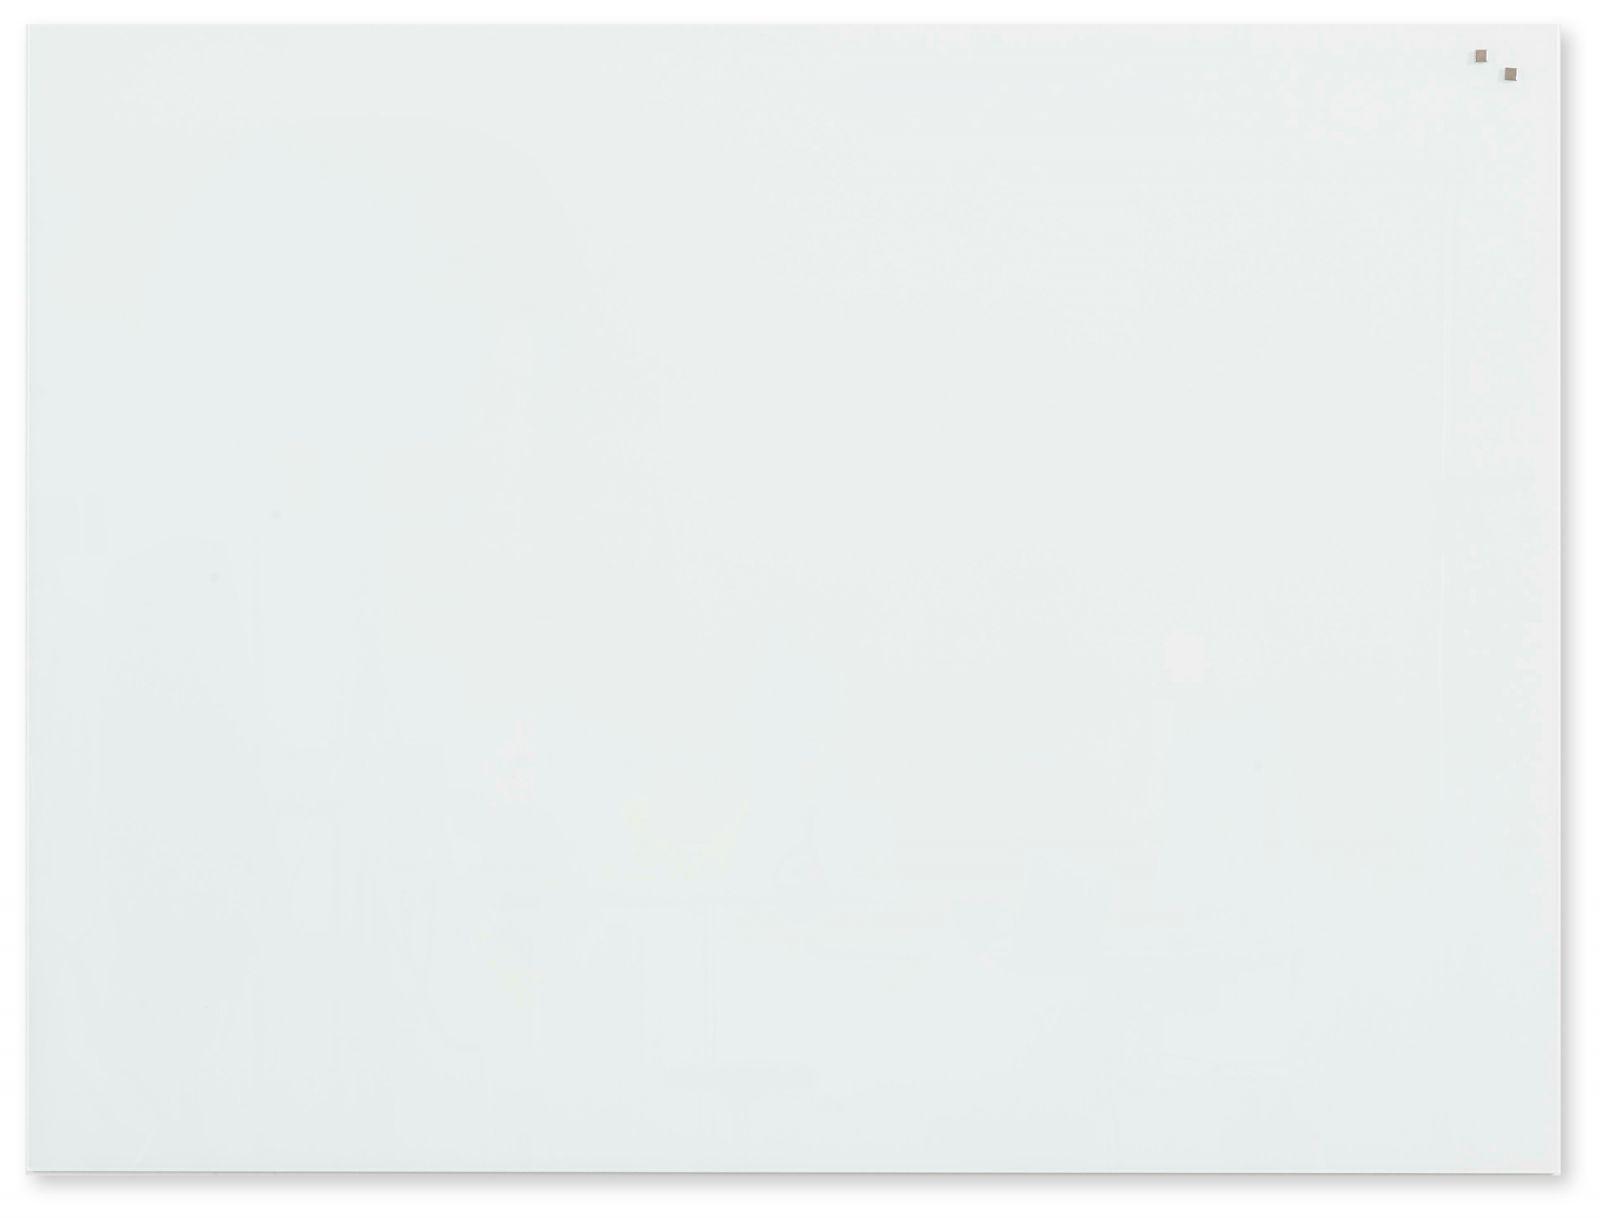 Skleněná magnetická tabule, 90x120 cm, Bílá